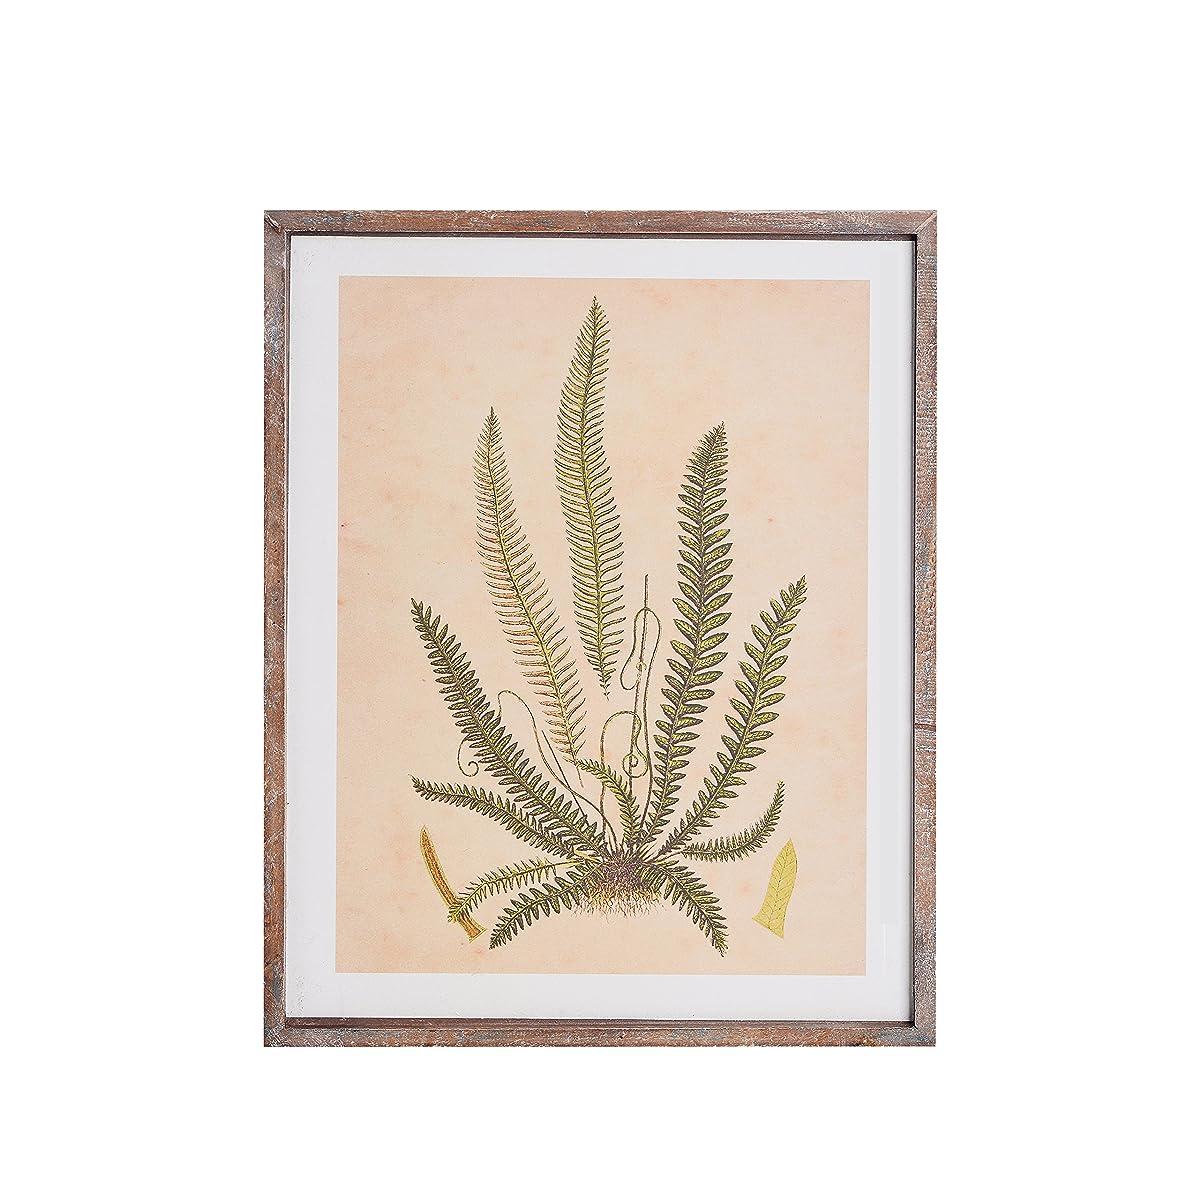 NIKKY HOME Vintage Framed Fern Botanical Wall Art Prints Home Living Room Decoration Set of 4 11x14 Inch